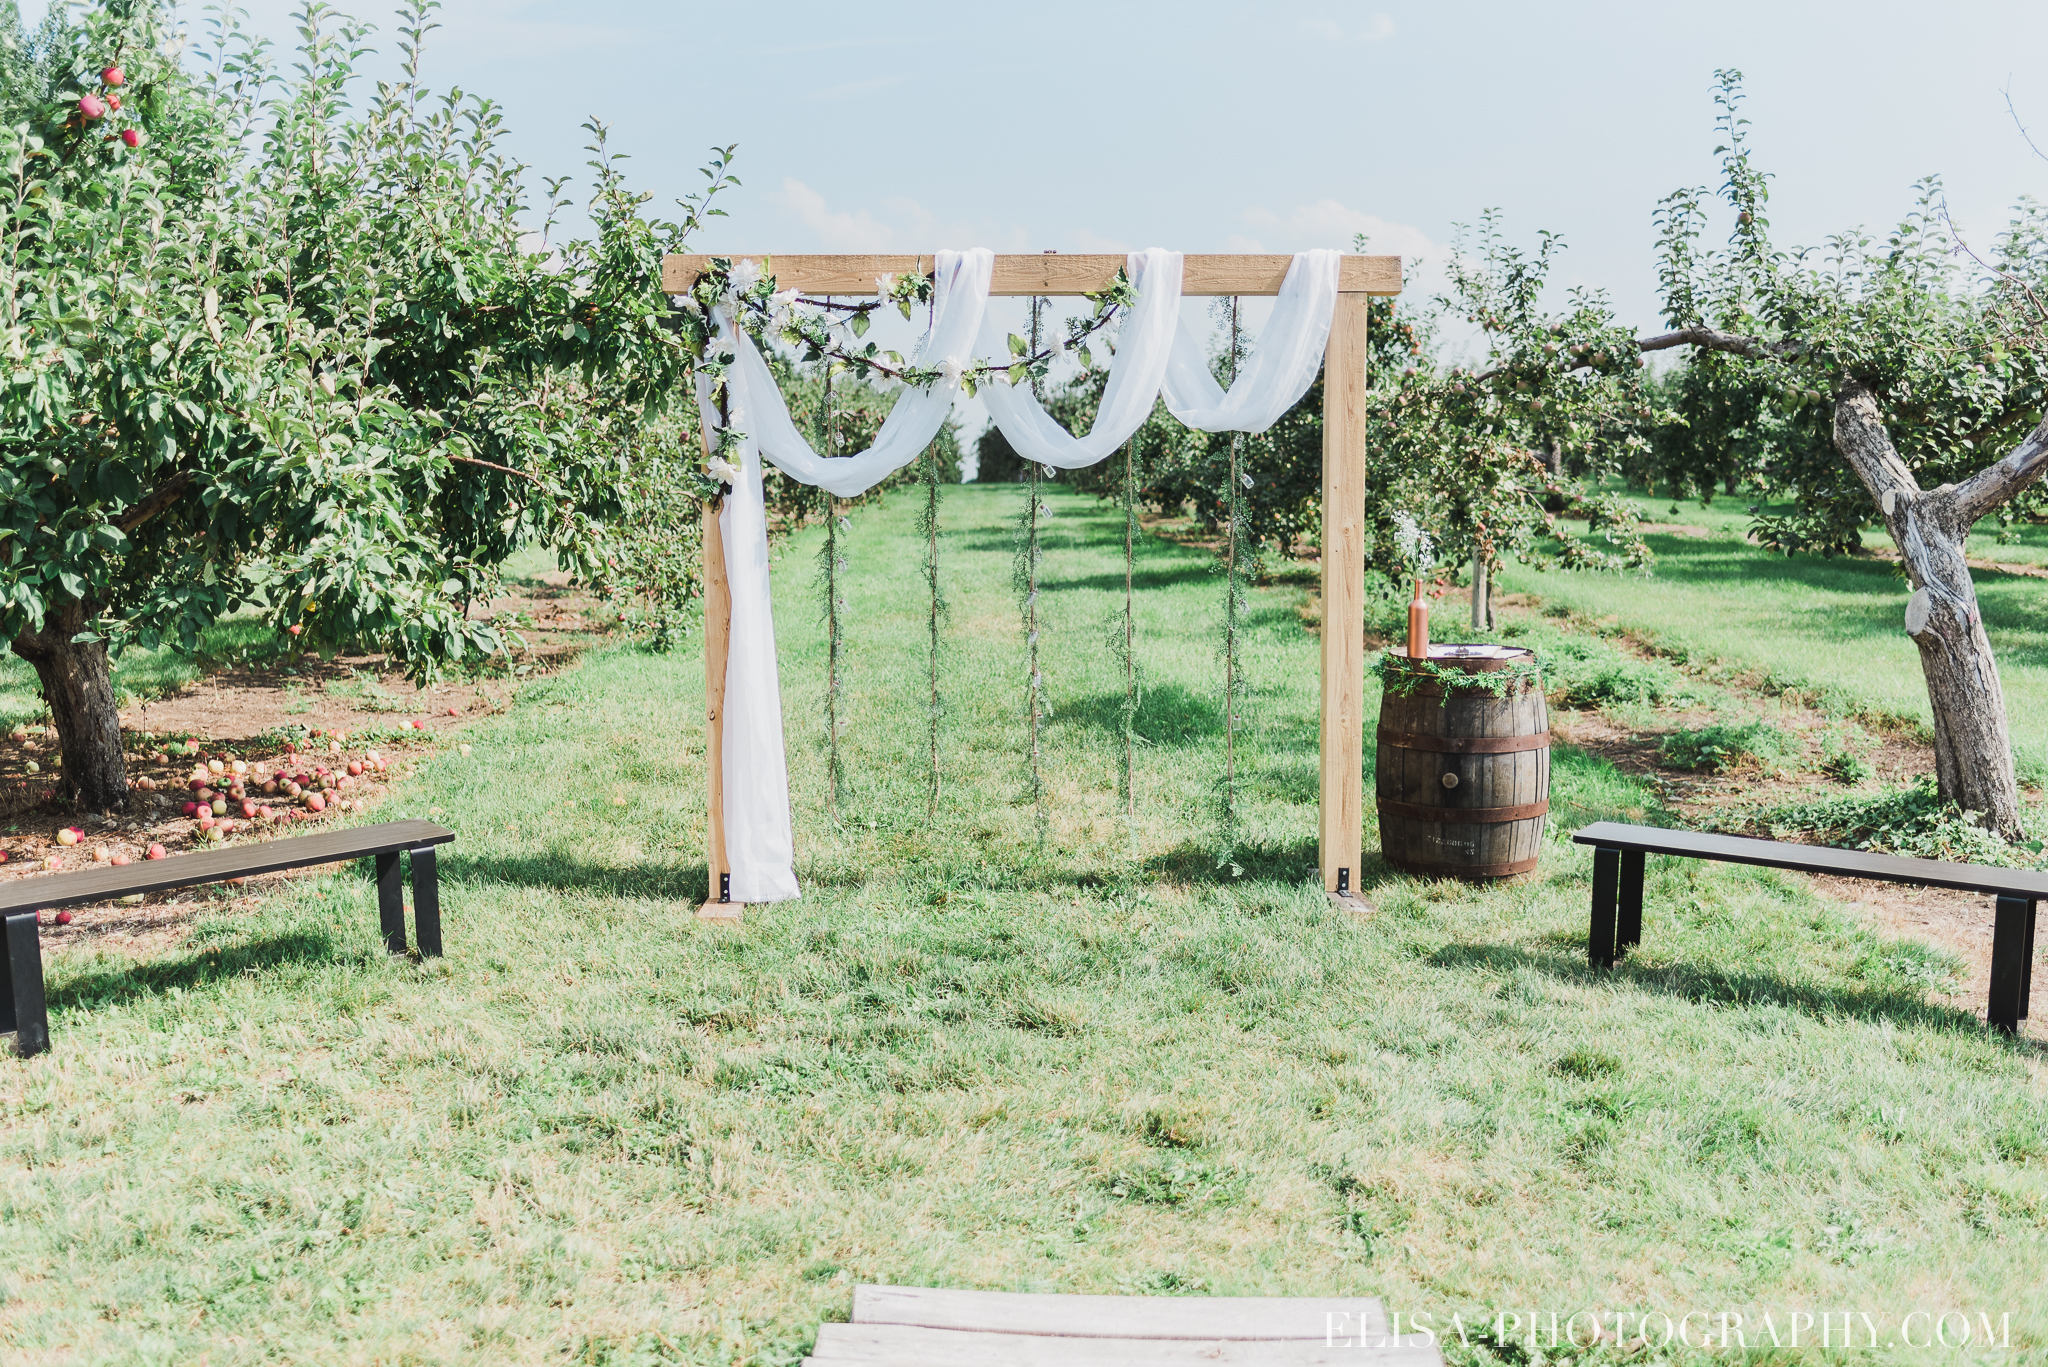 photo mariage ferme genest verger pommier quebec arche 0990 - Smoke bomb et mariage dans les vergers de la Ferme Genest à Saint-Nicolas